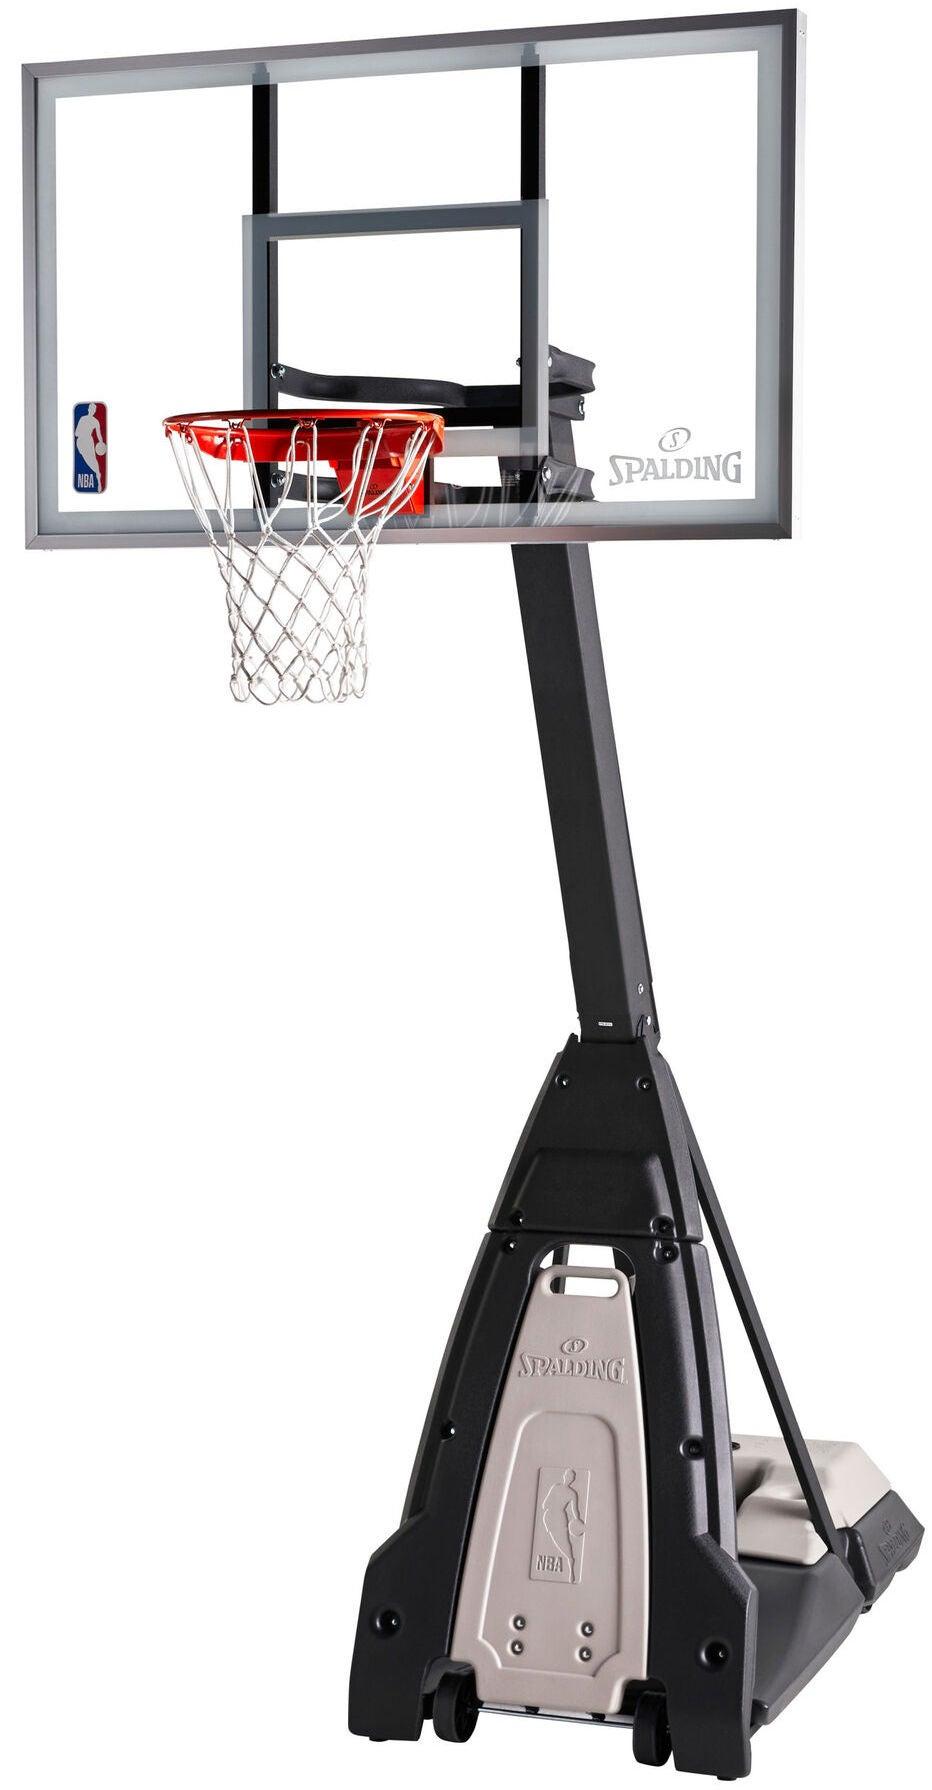 Spalding NBA Beast Portabel Basketställning